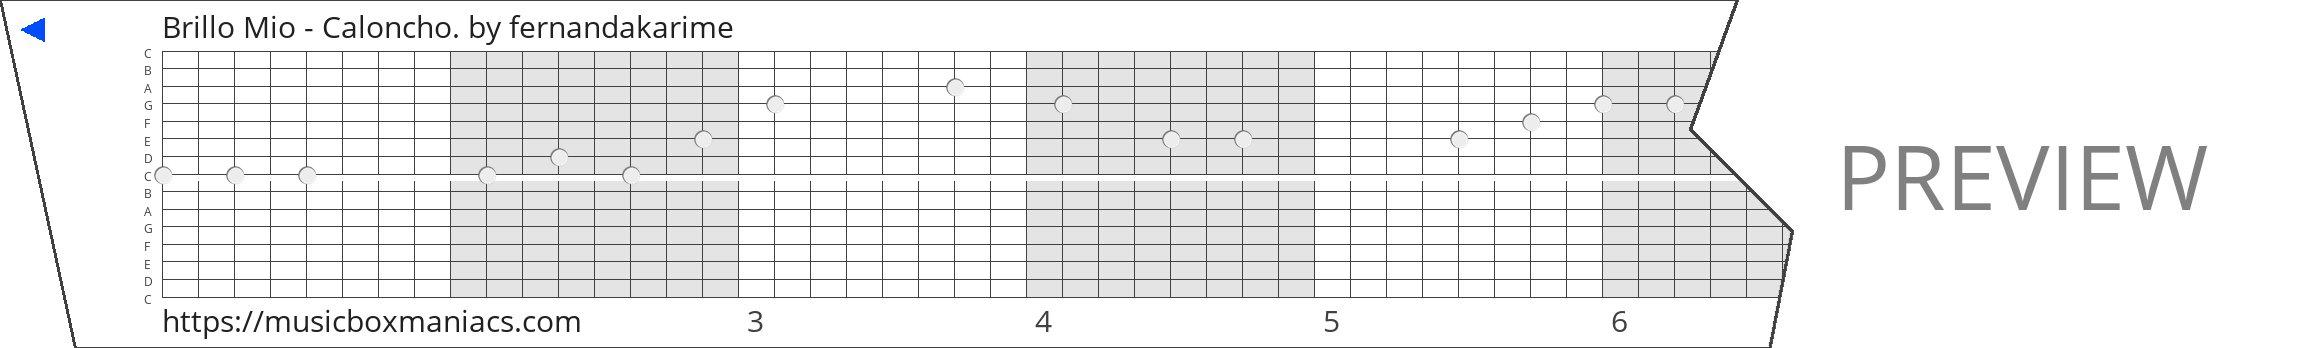 Brillo Mio - Caloncho. 15 note music box paper strip